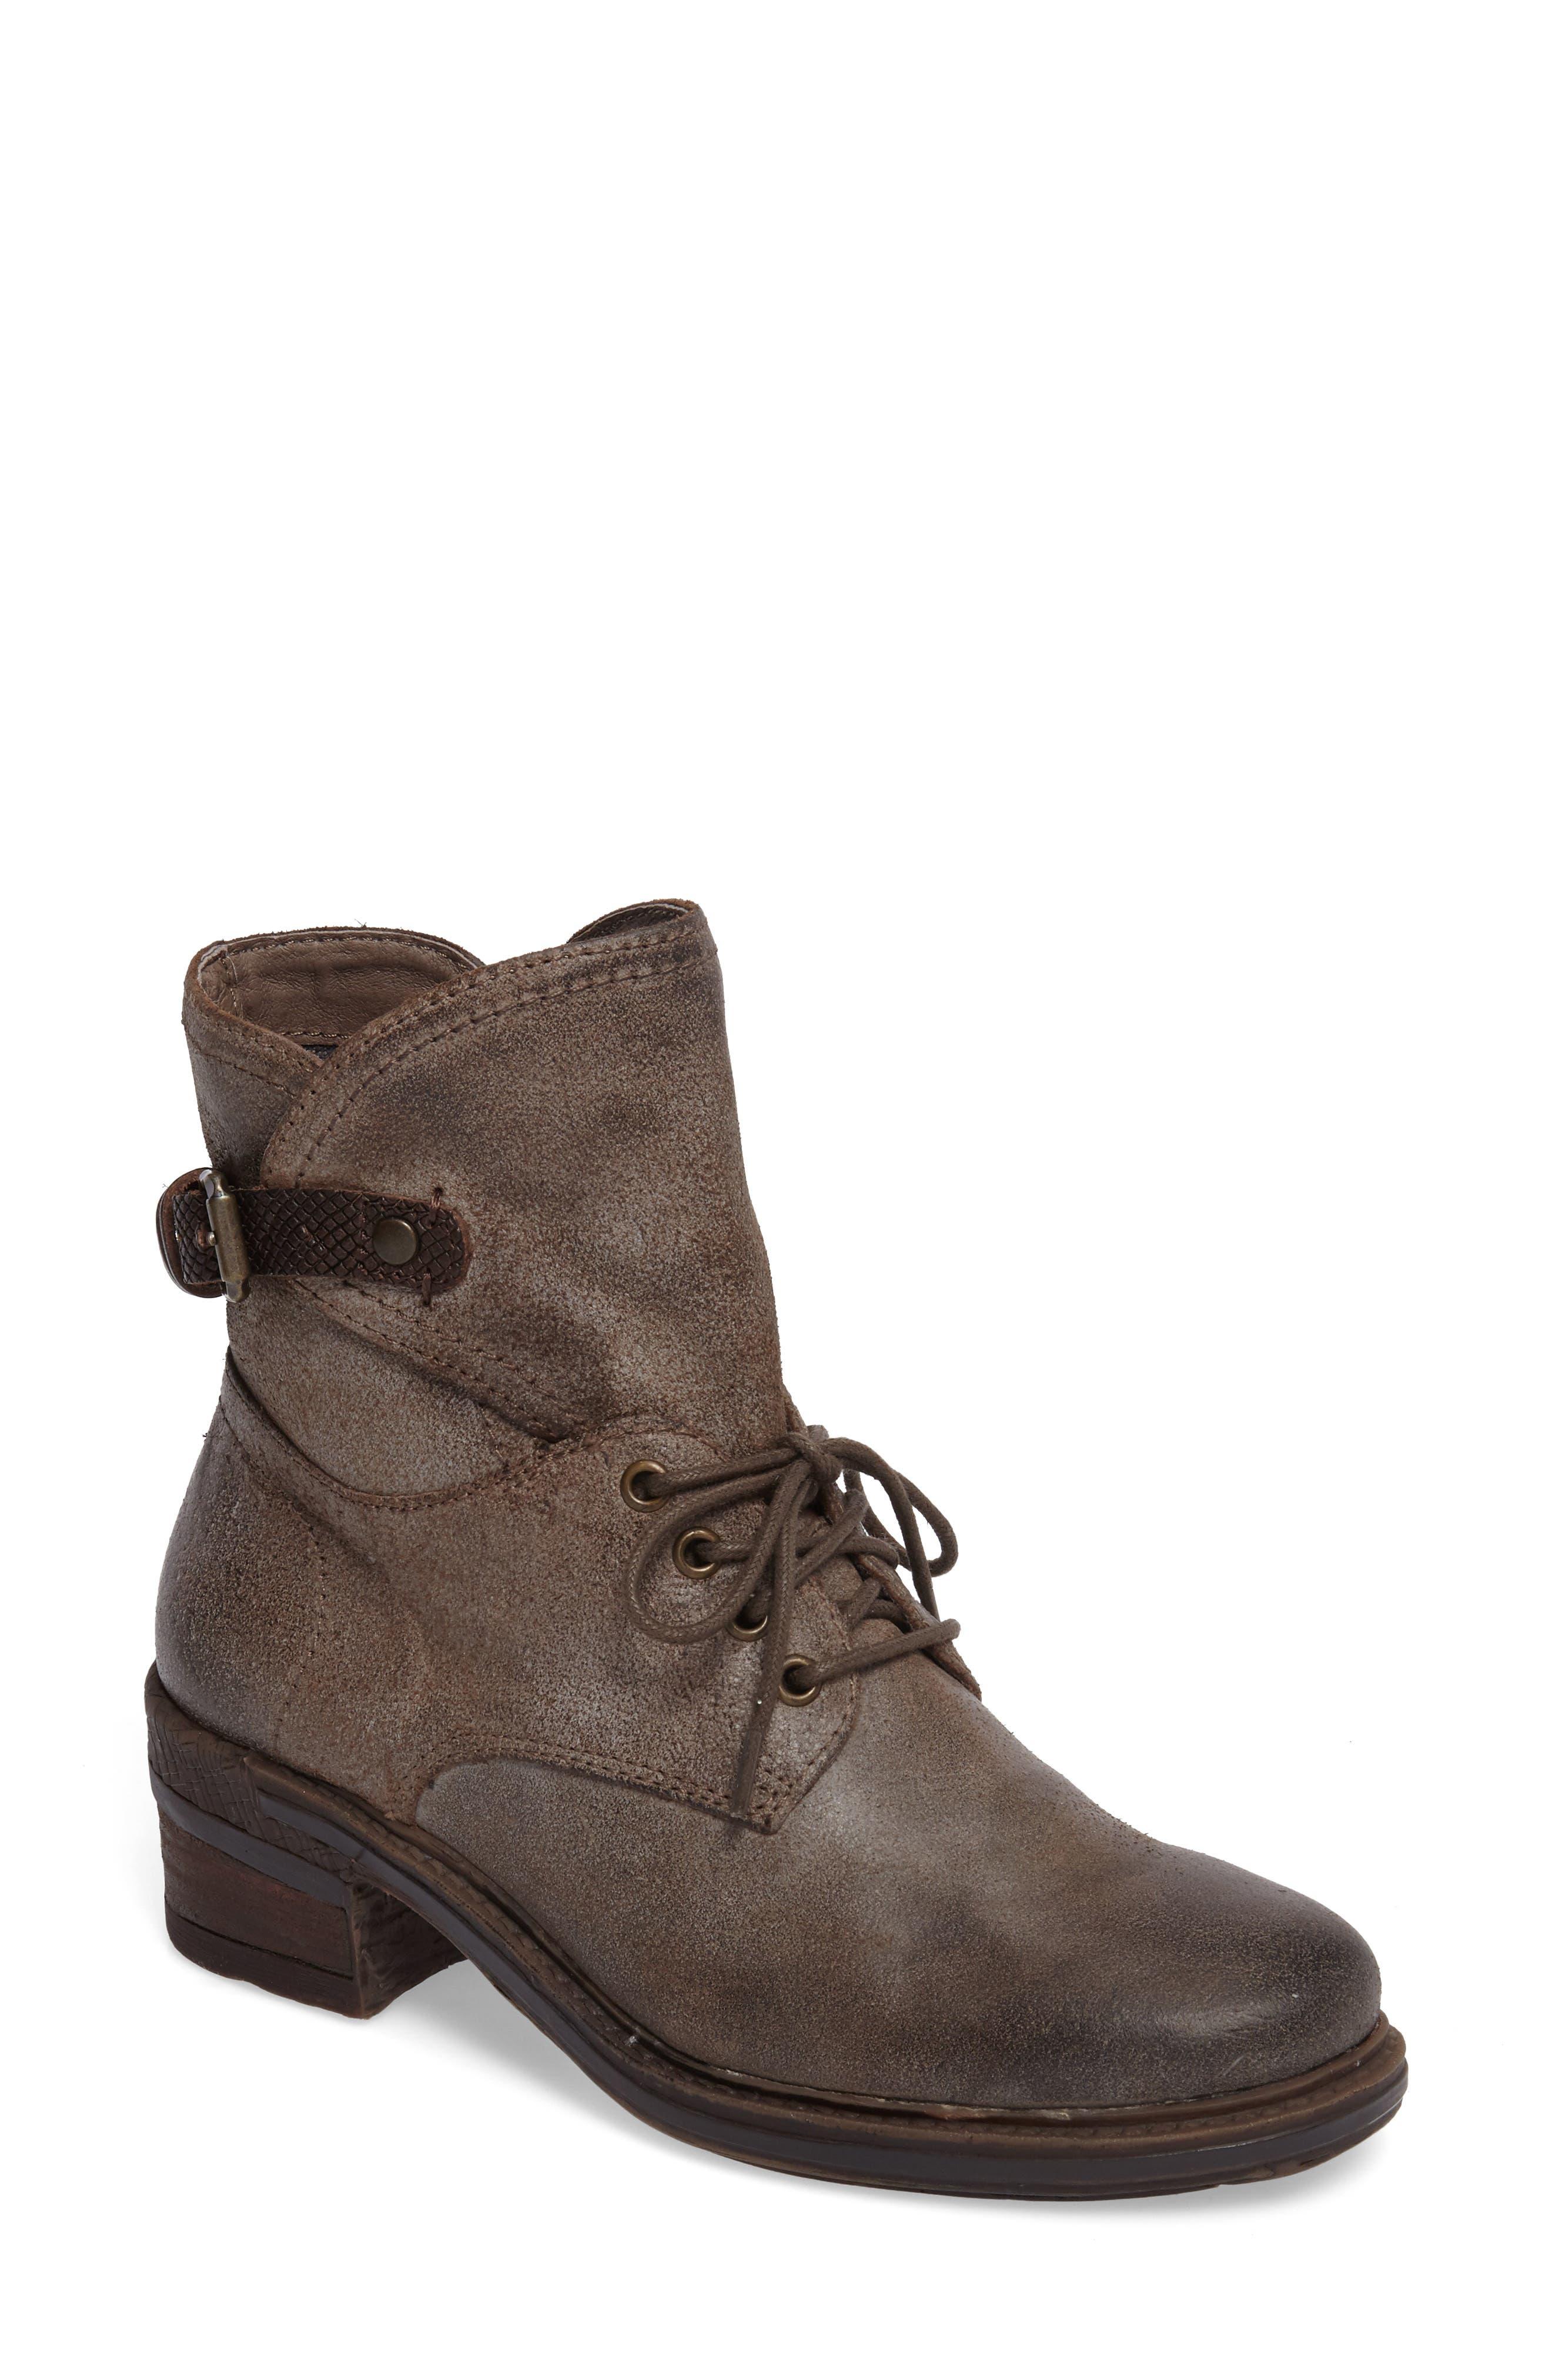 Gallivant Combat Bootie,                         Main,                         color, Mint Leather